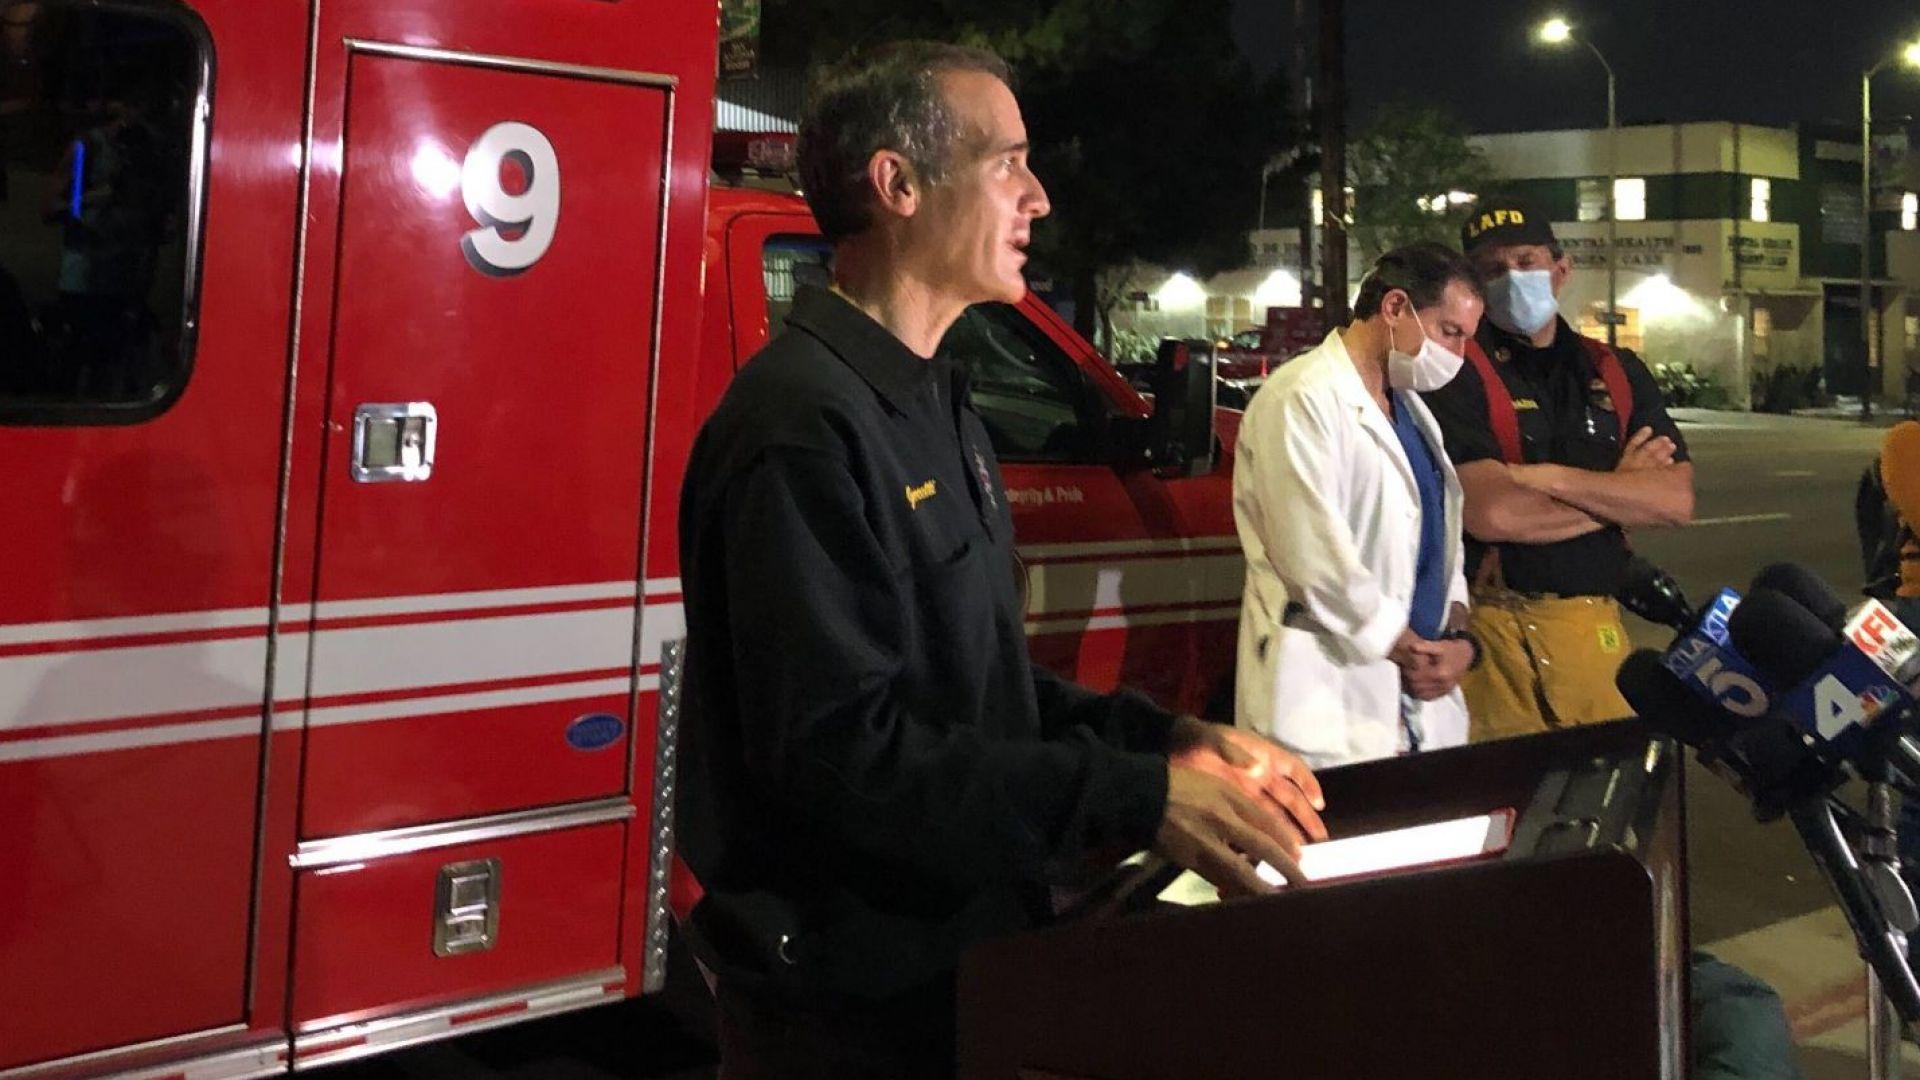 Най-малко 11 огнеборци са пострадали днес при експлозия по време